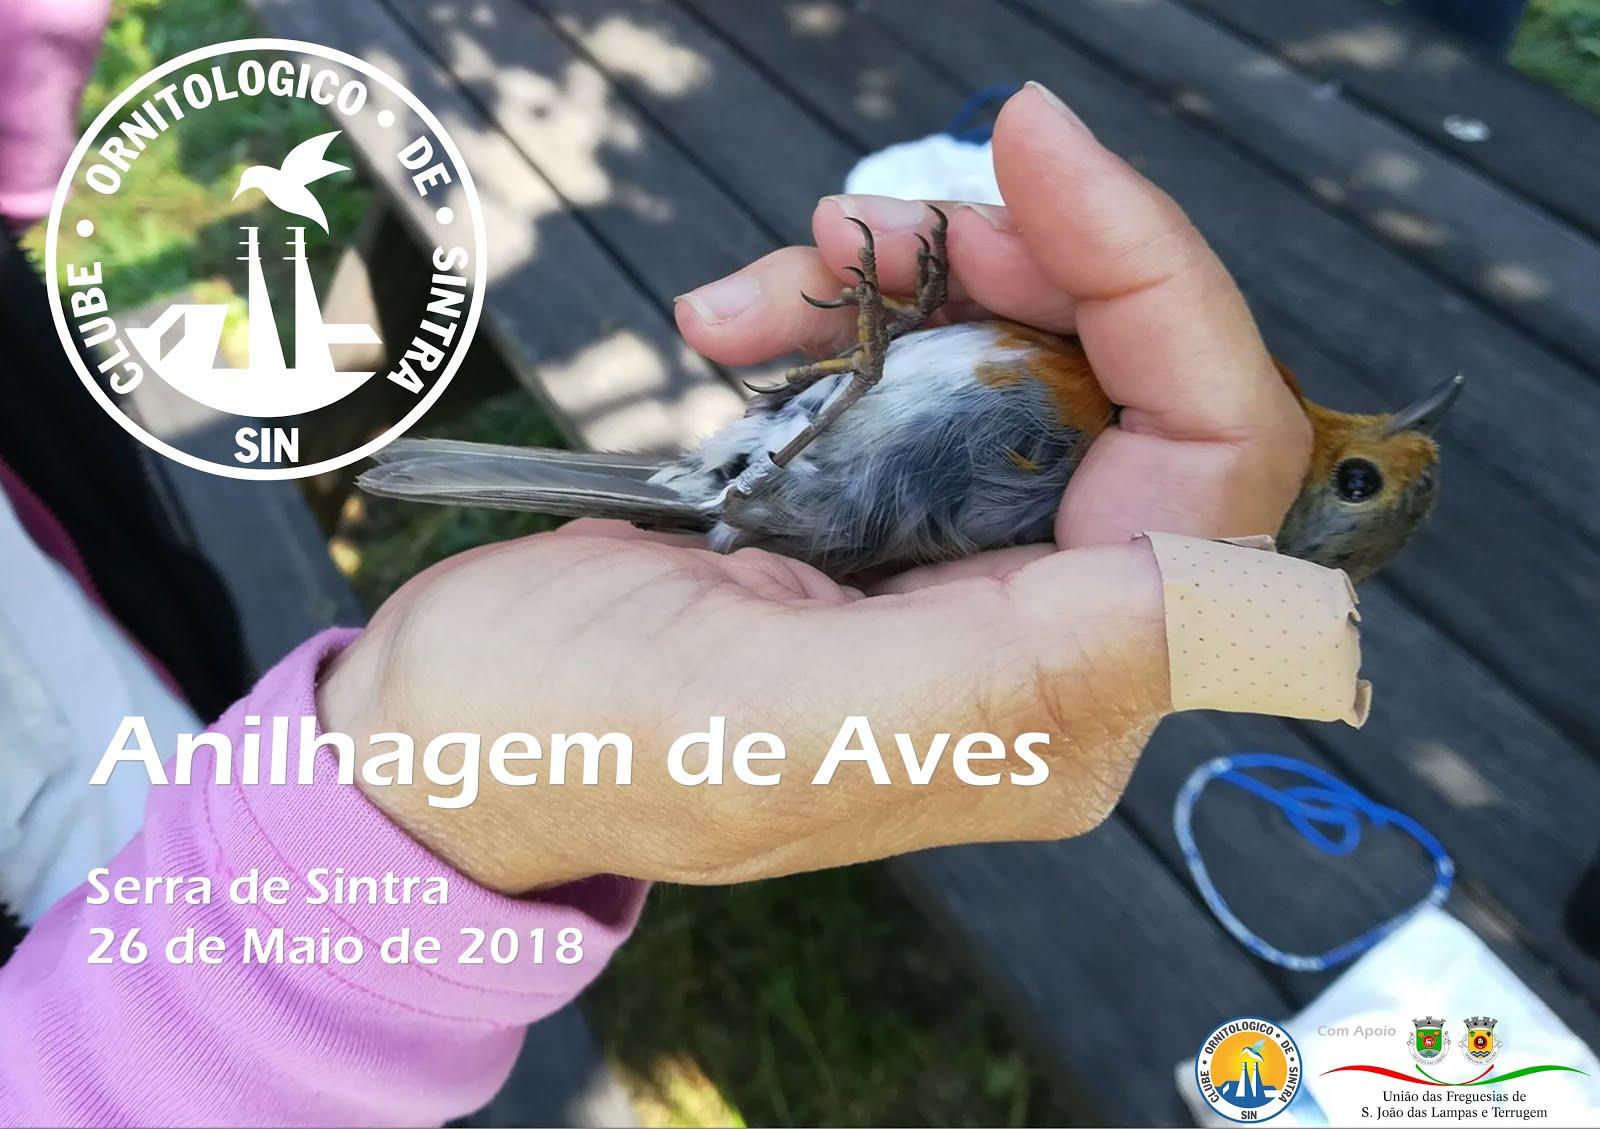 Anilhagem de Aves 2018